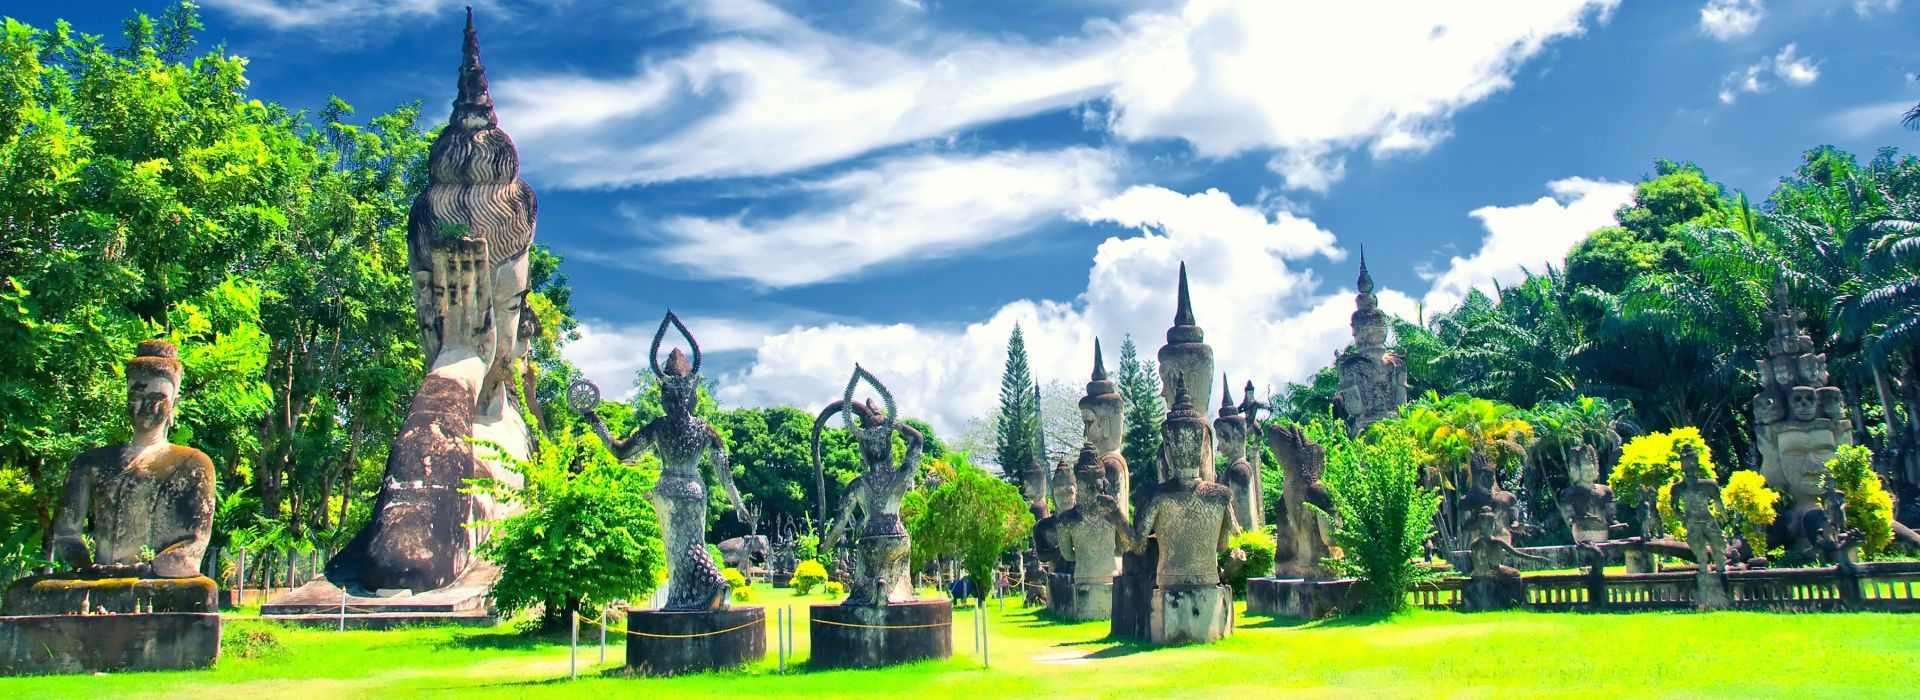 Sightseeing Tours in Luang Prabang